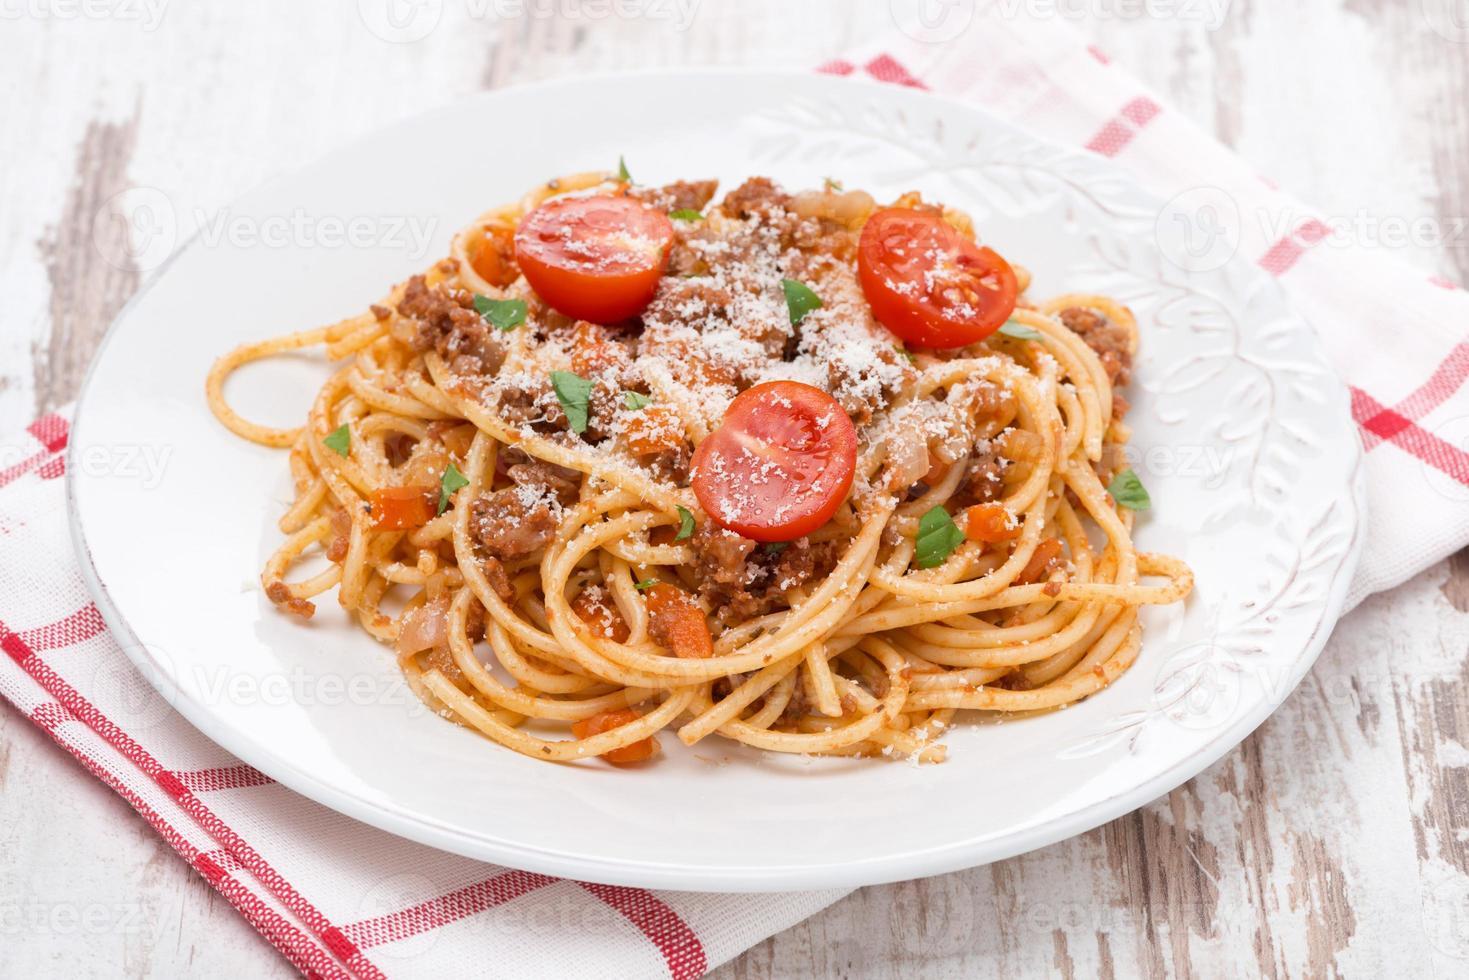 italiensk pasta - spaghetti bolognese foto